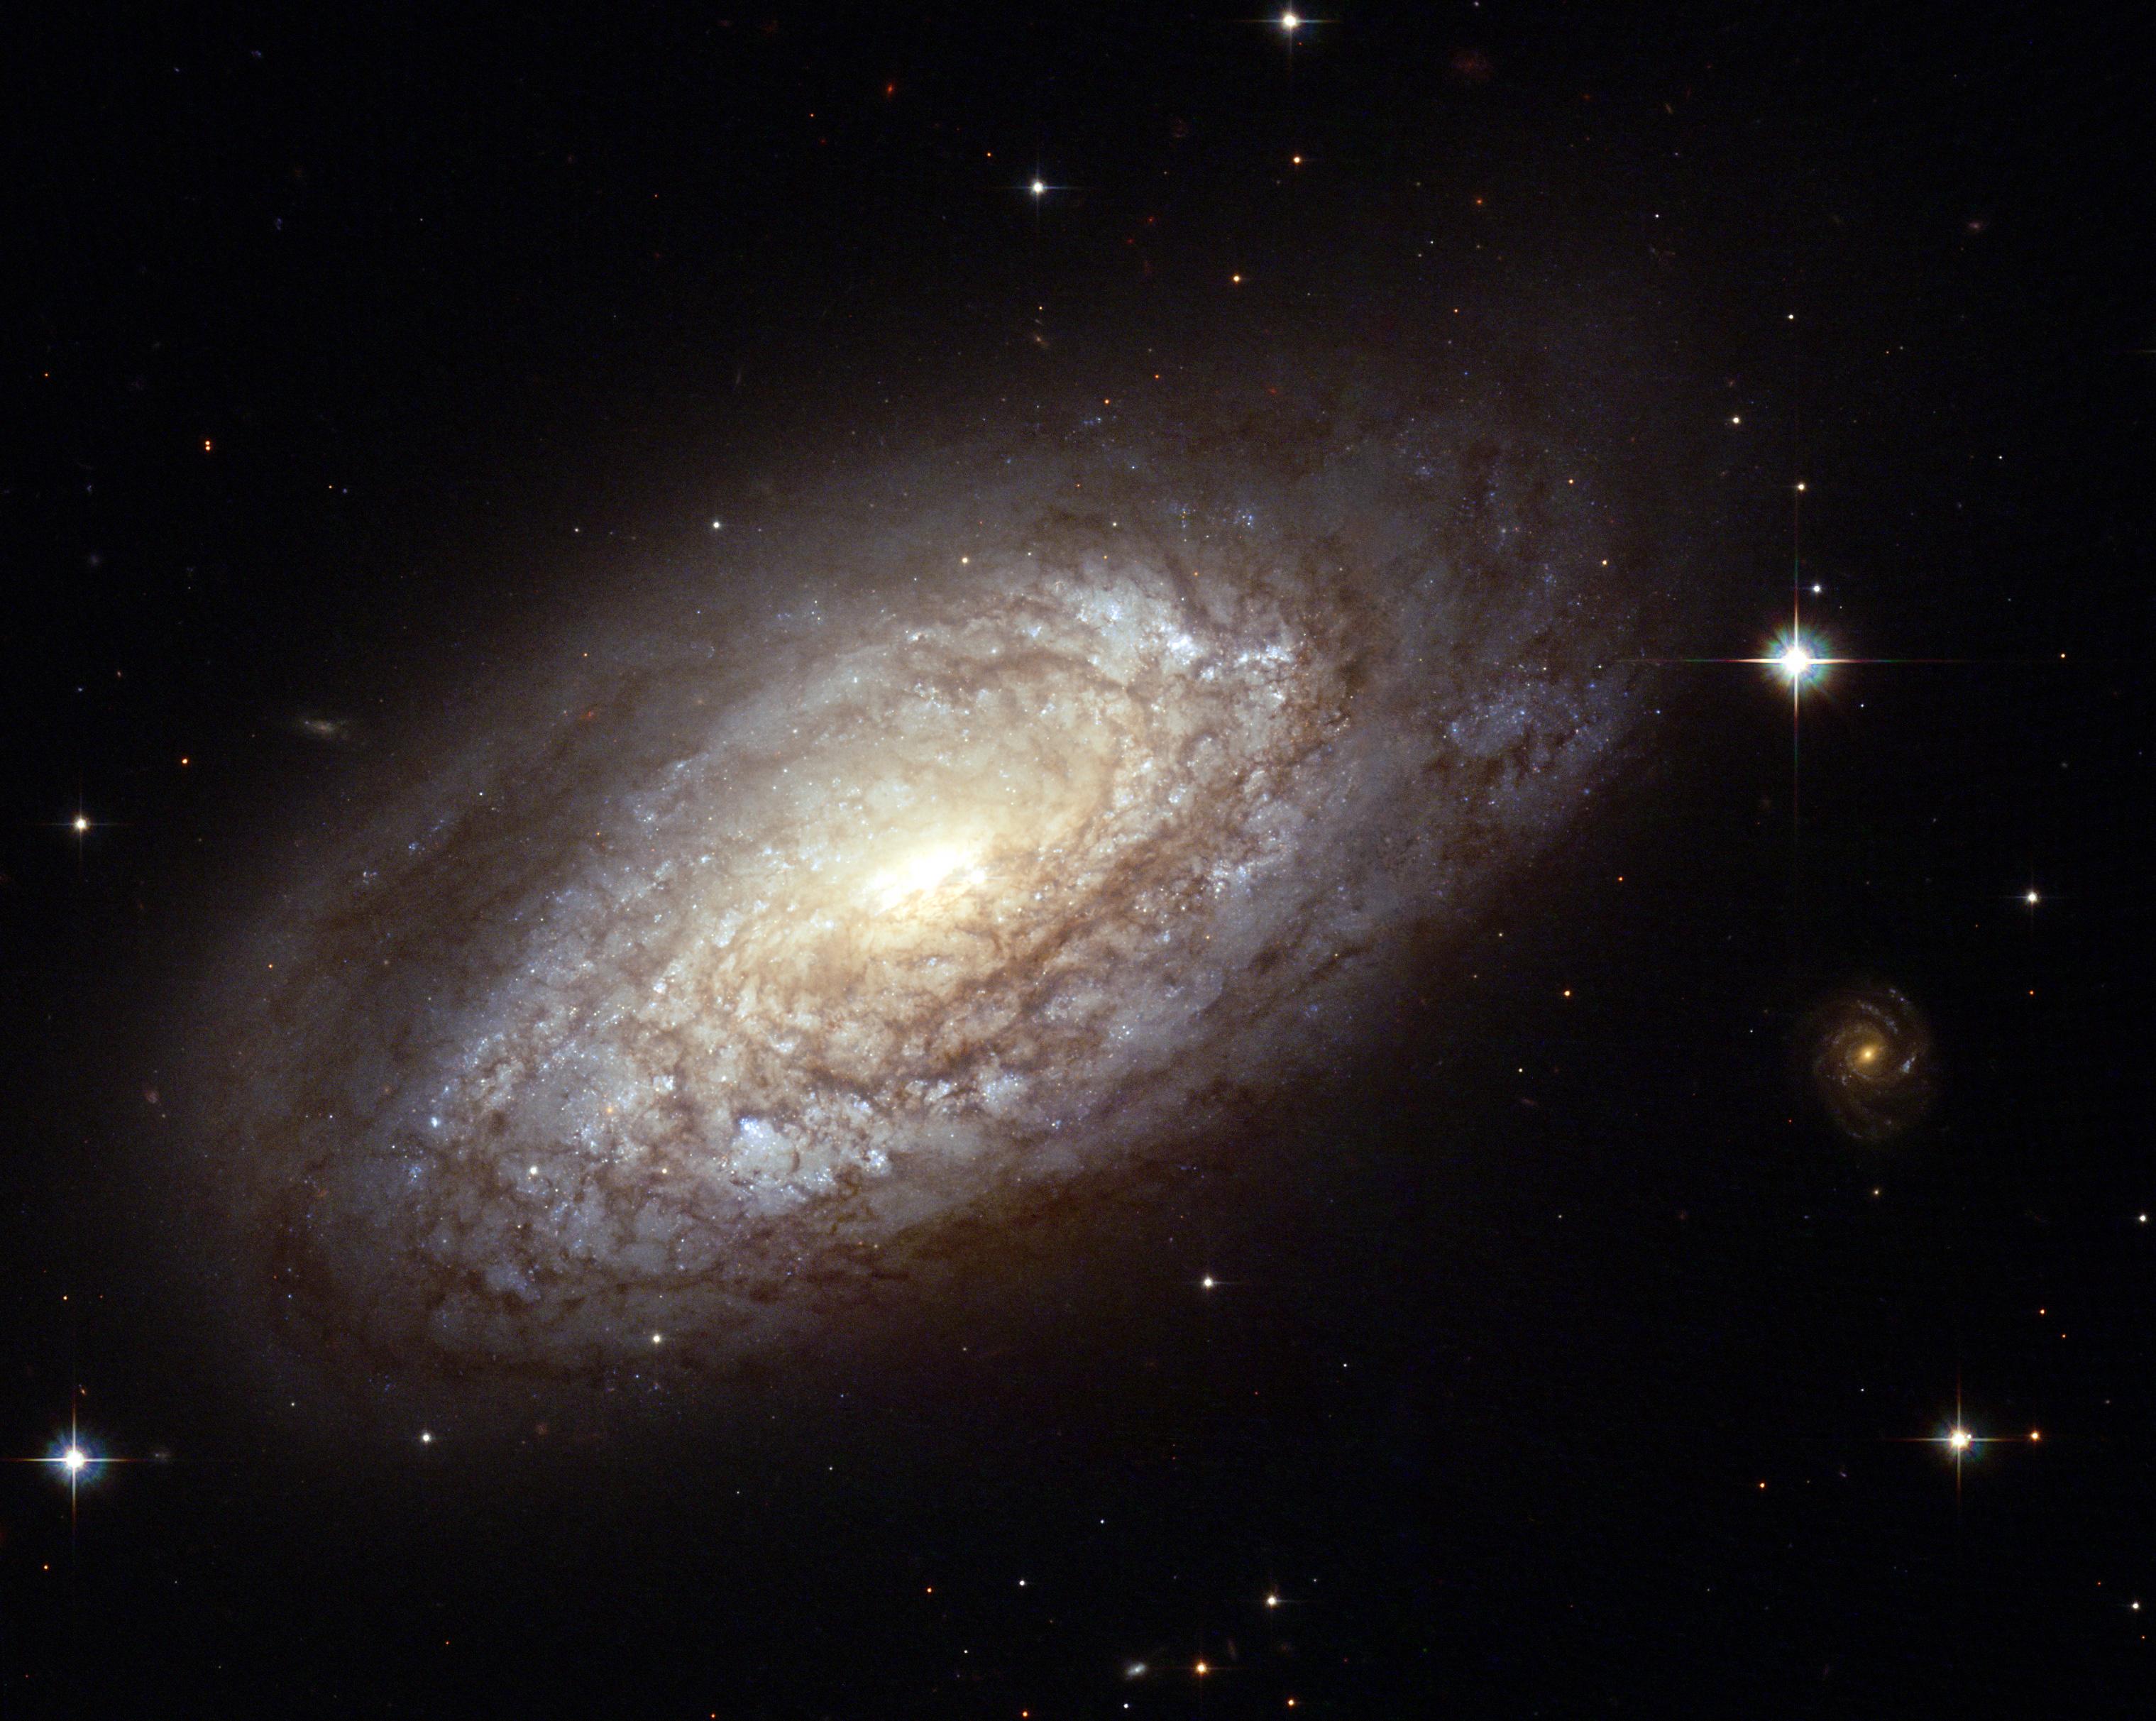 NGC 2397